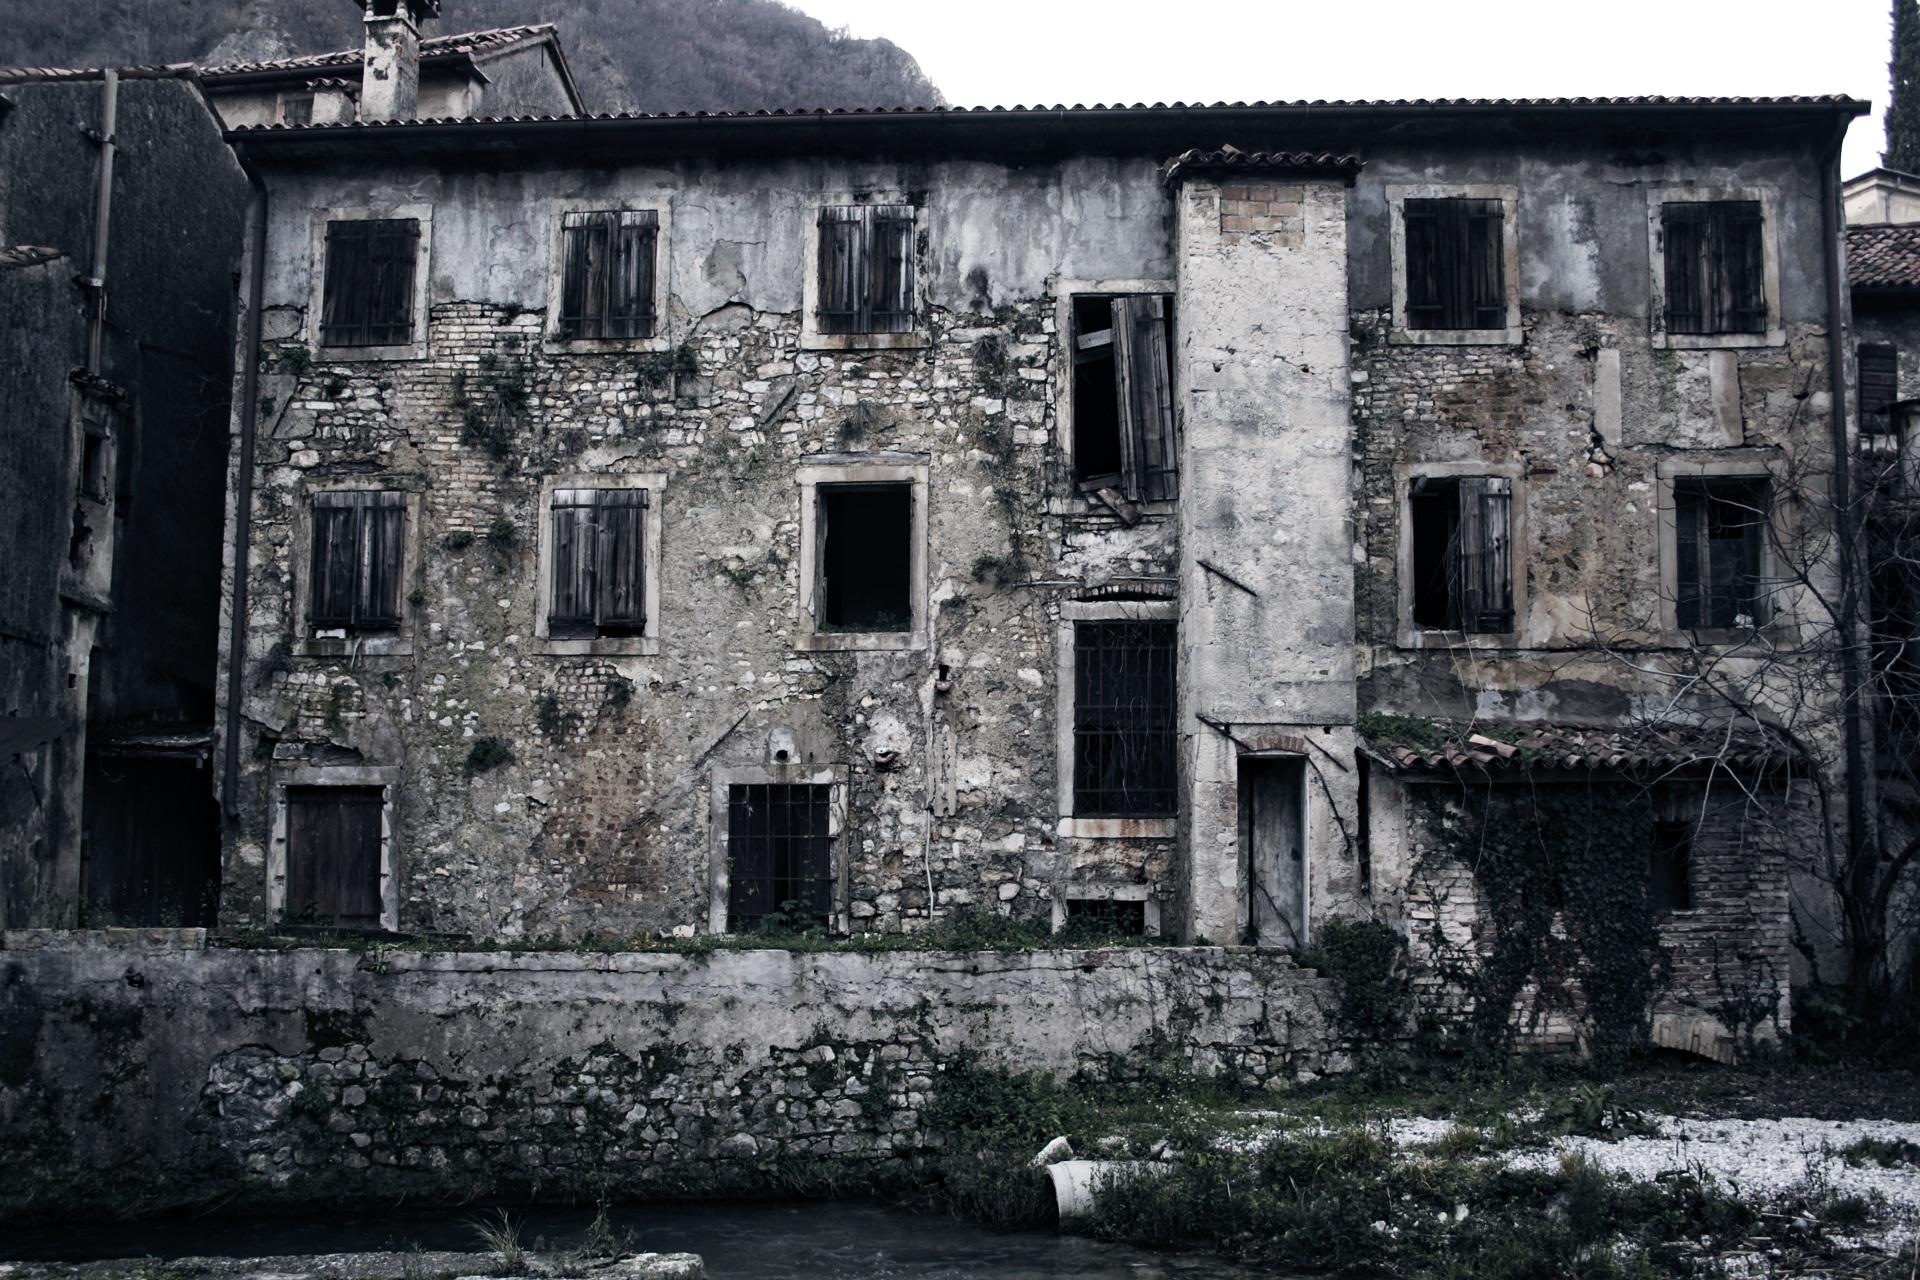 картинки руины домов новой модели